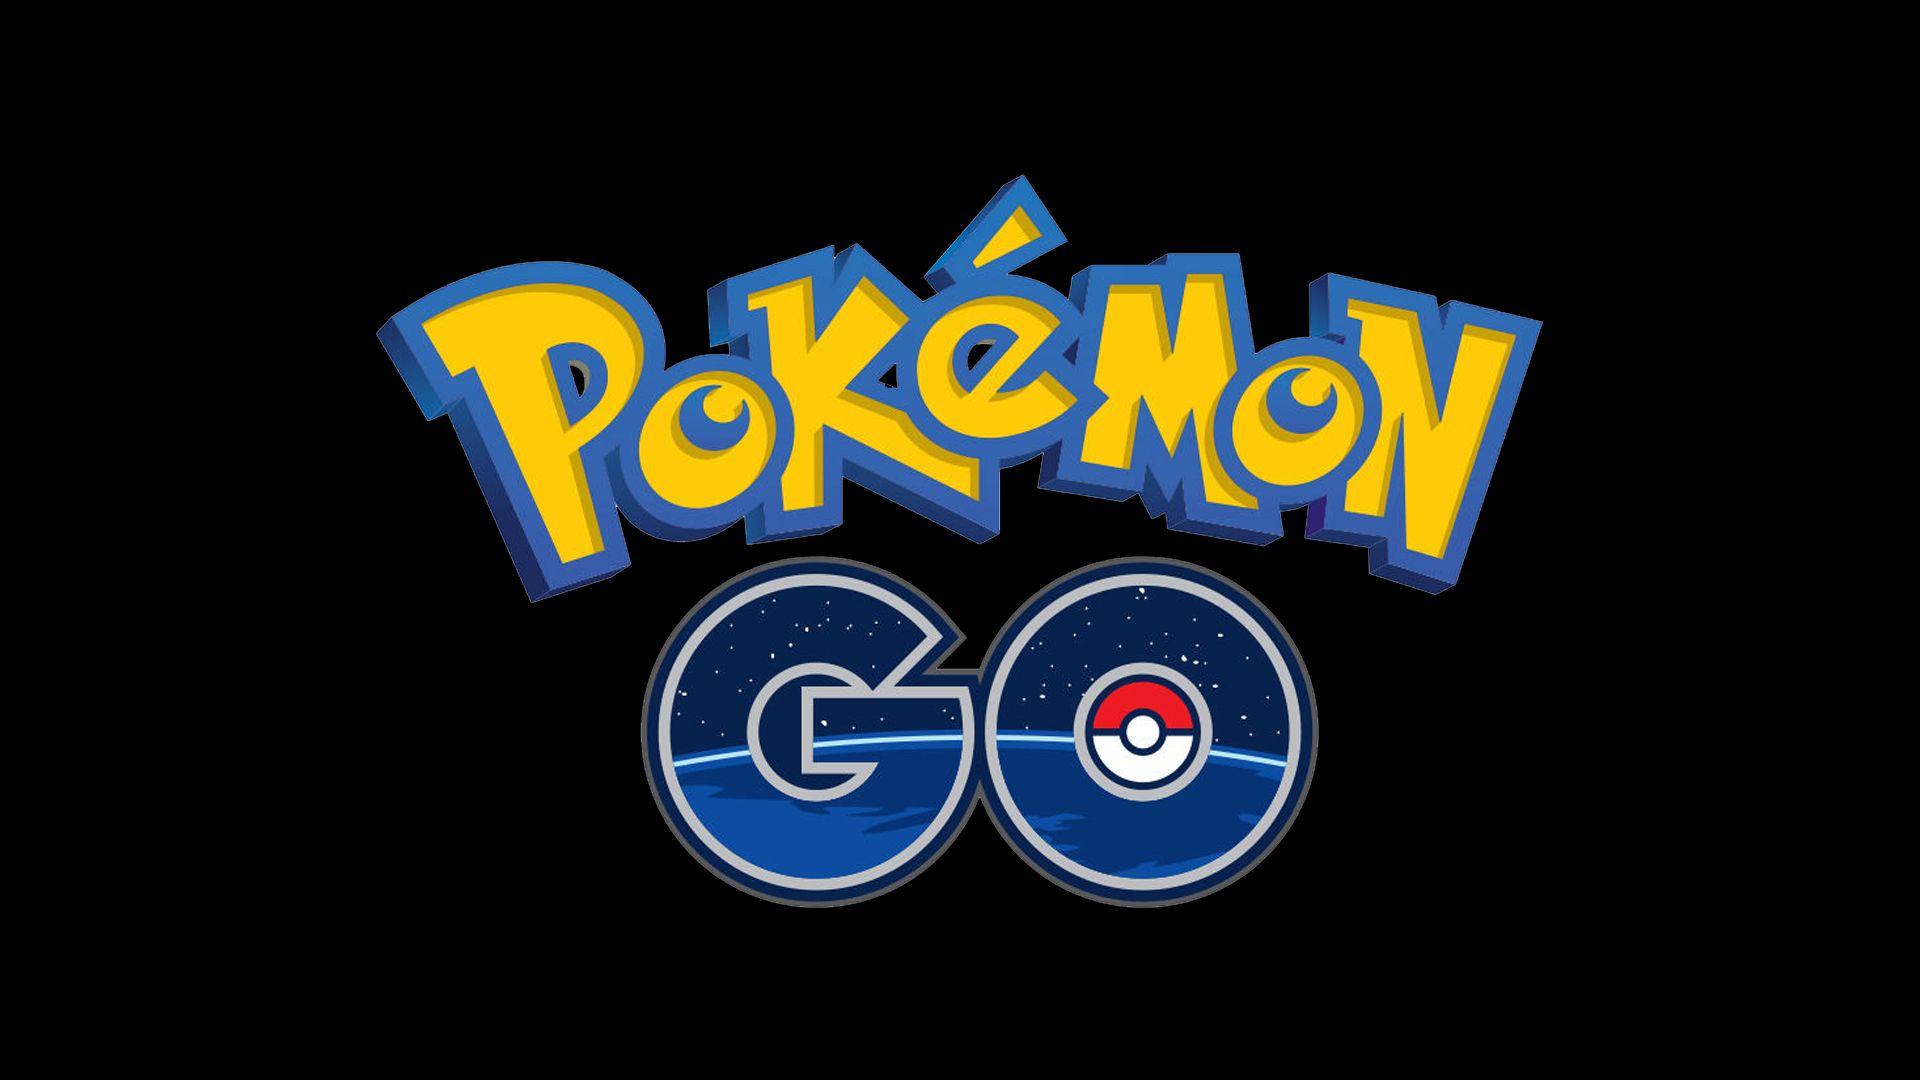 Exploring Atlanta Pokémon Go Edition Pokemon go